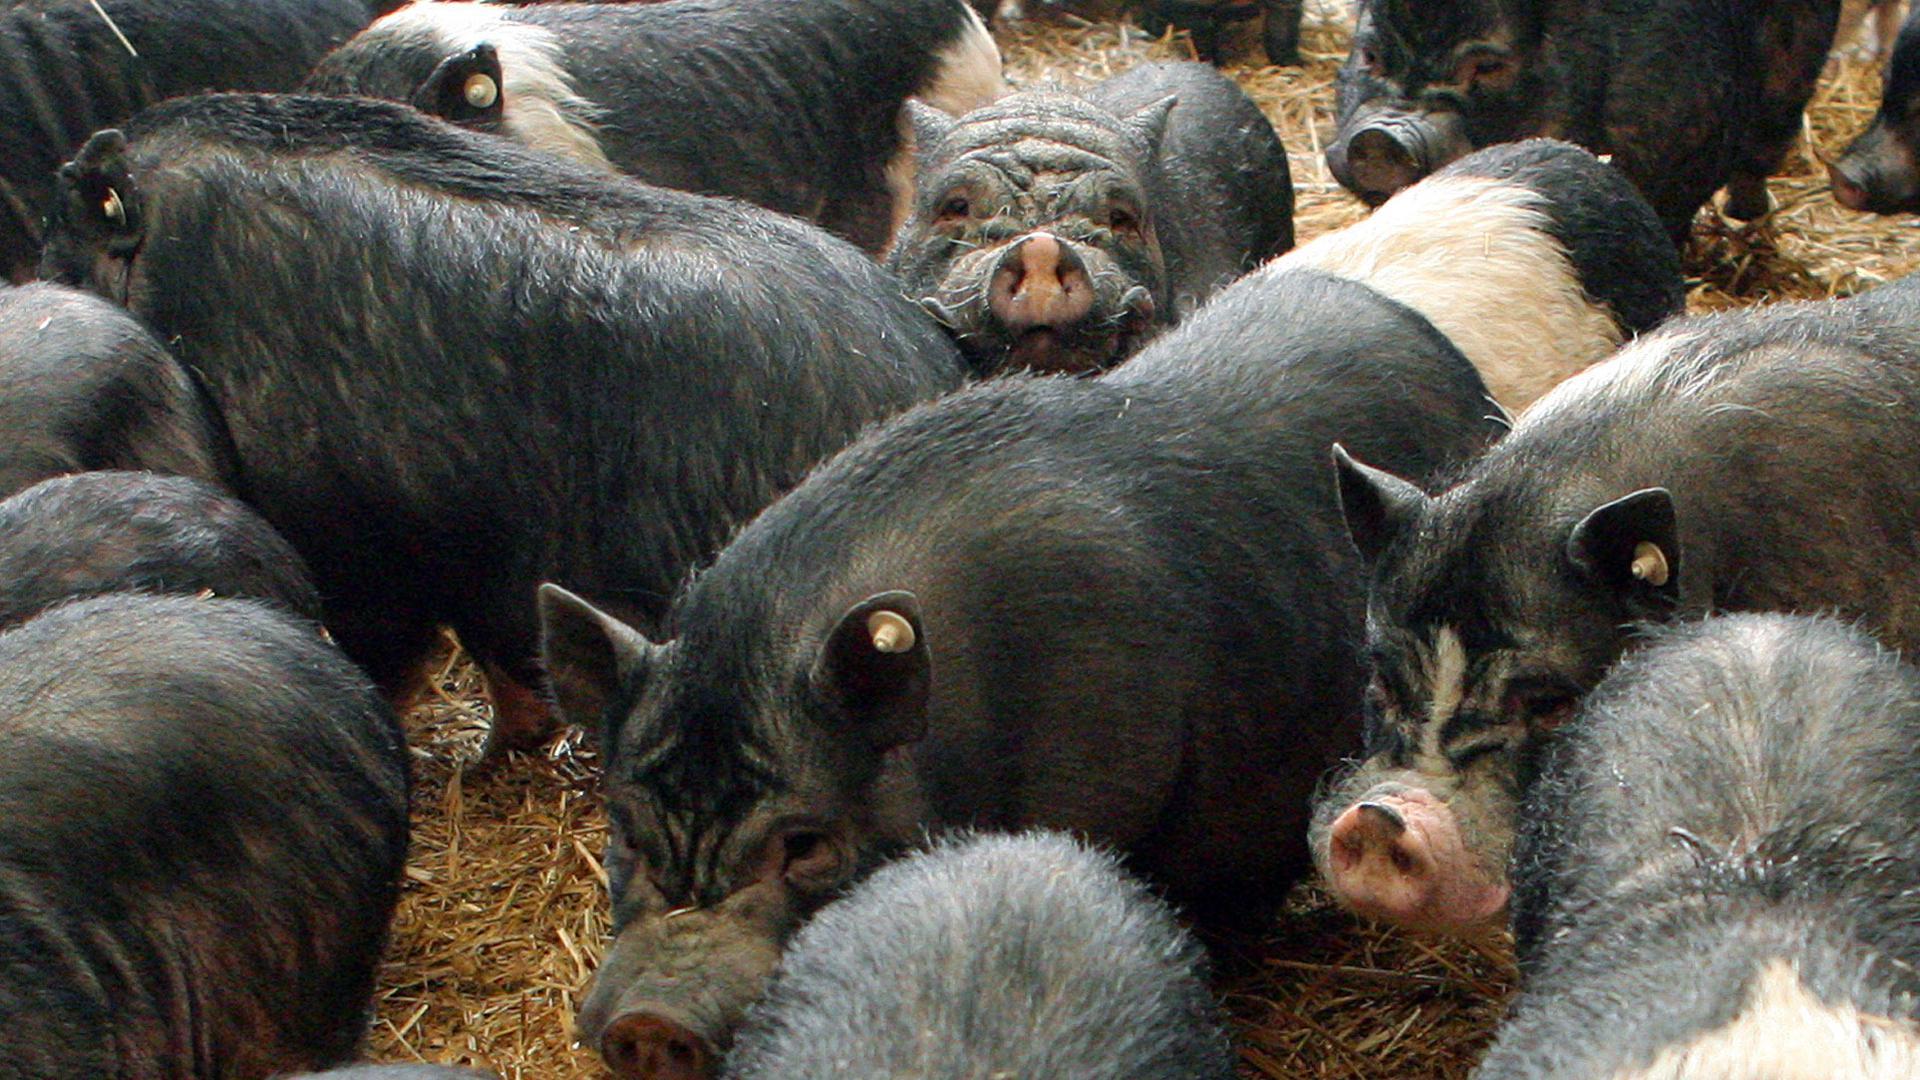 """Insgesamt mehr als 170 Hängebauchschweine warten am Freitag (28.04.2006) in einem Stall bei Darmstadt auf ihren Abtransport. Tierschützer hatten in Zusammenarbeit mit Veterinären hunderte der Tiere bei einem Privatbesitzer beschlagnahmt. Jetzt werden die """"Mini-Schweine"""" an neue Besitzer in ganz Deutschland vermittelt. Foto: Salome Kegler dpa/lhe +++ dpa-Bildfunk +++"""